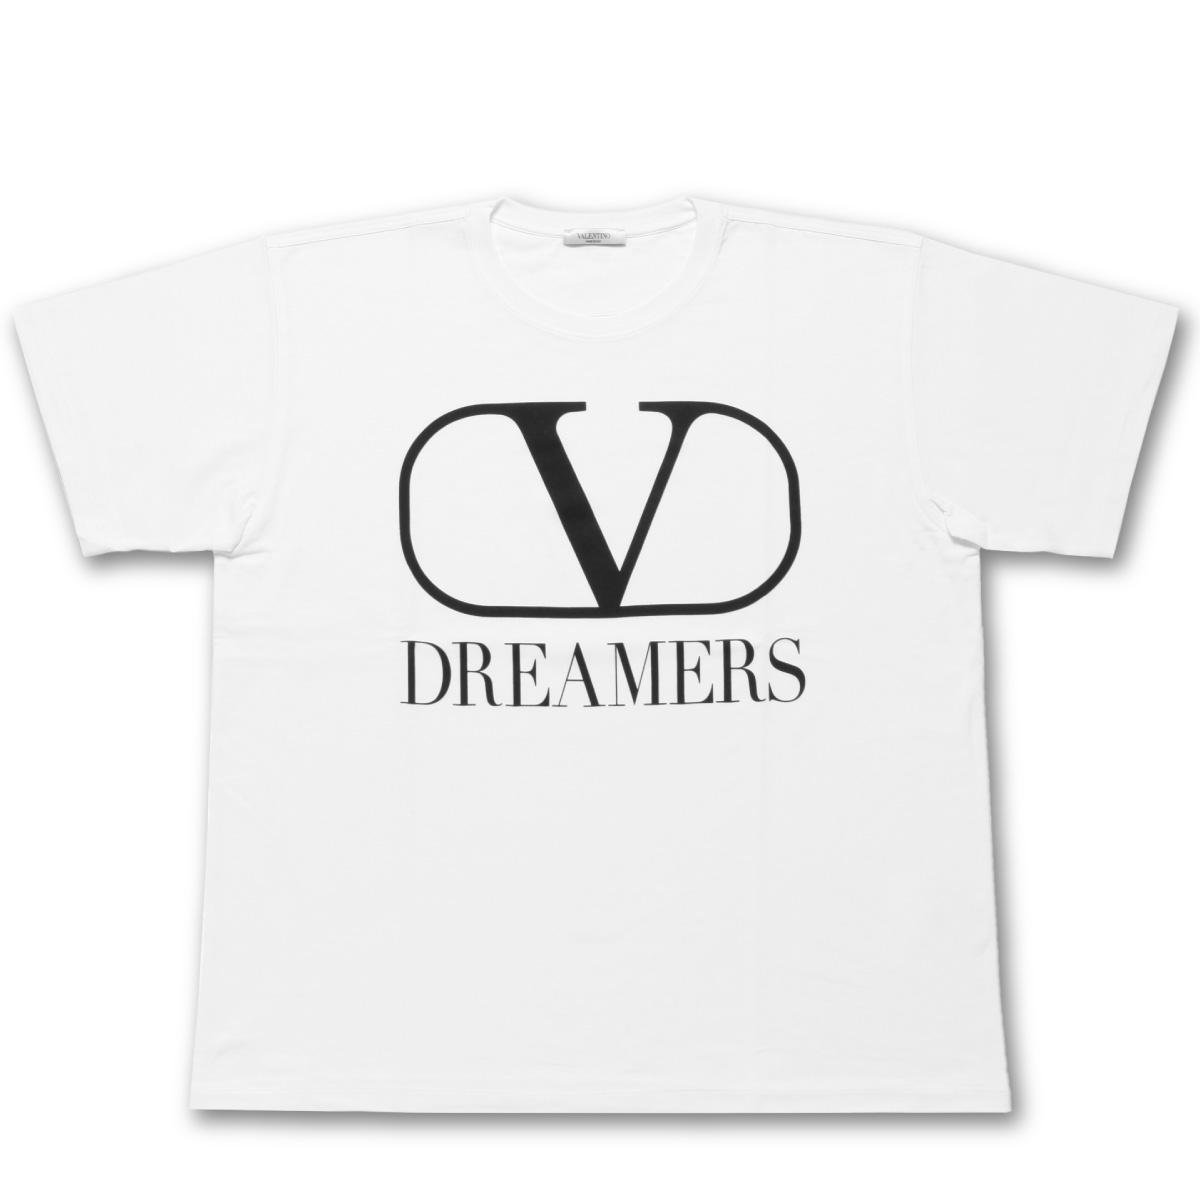 ヴァレンティノ VALENTINO Tシャツ メンズ TV0MG06B681 A01 半袖Tシャツ BIANCO/NERO ホワイト